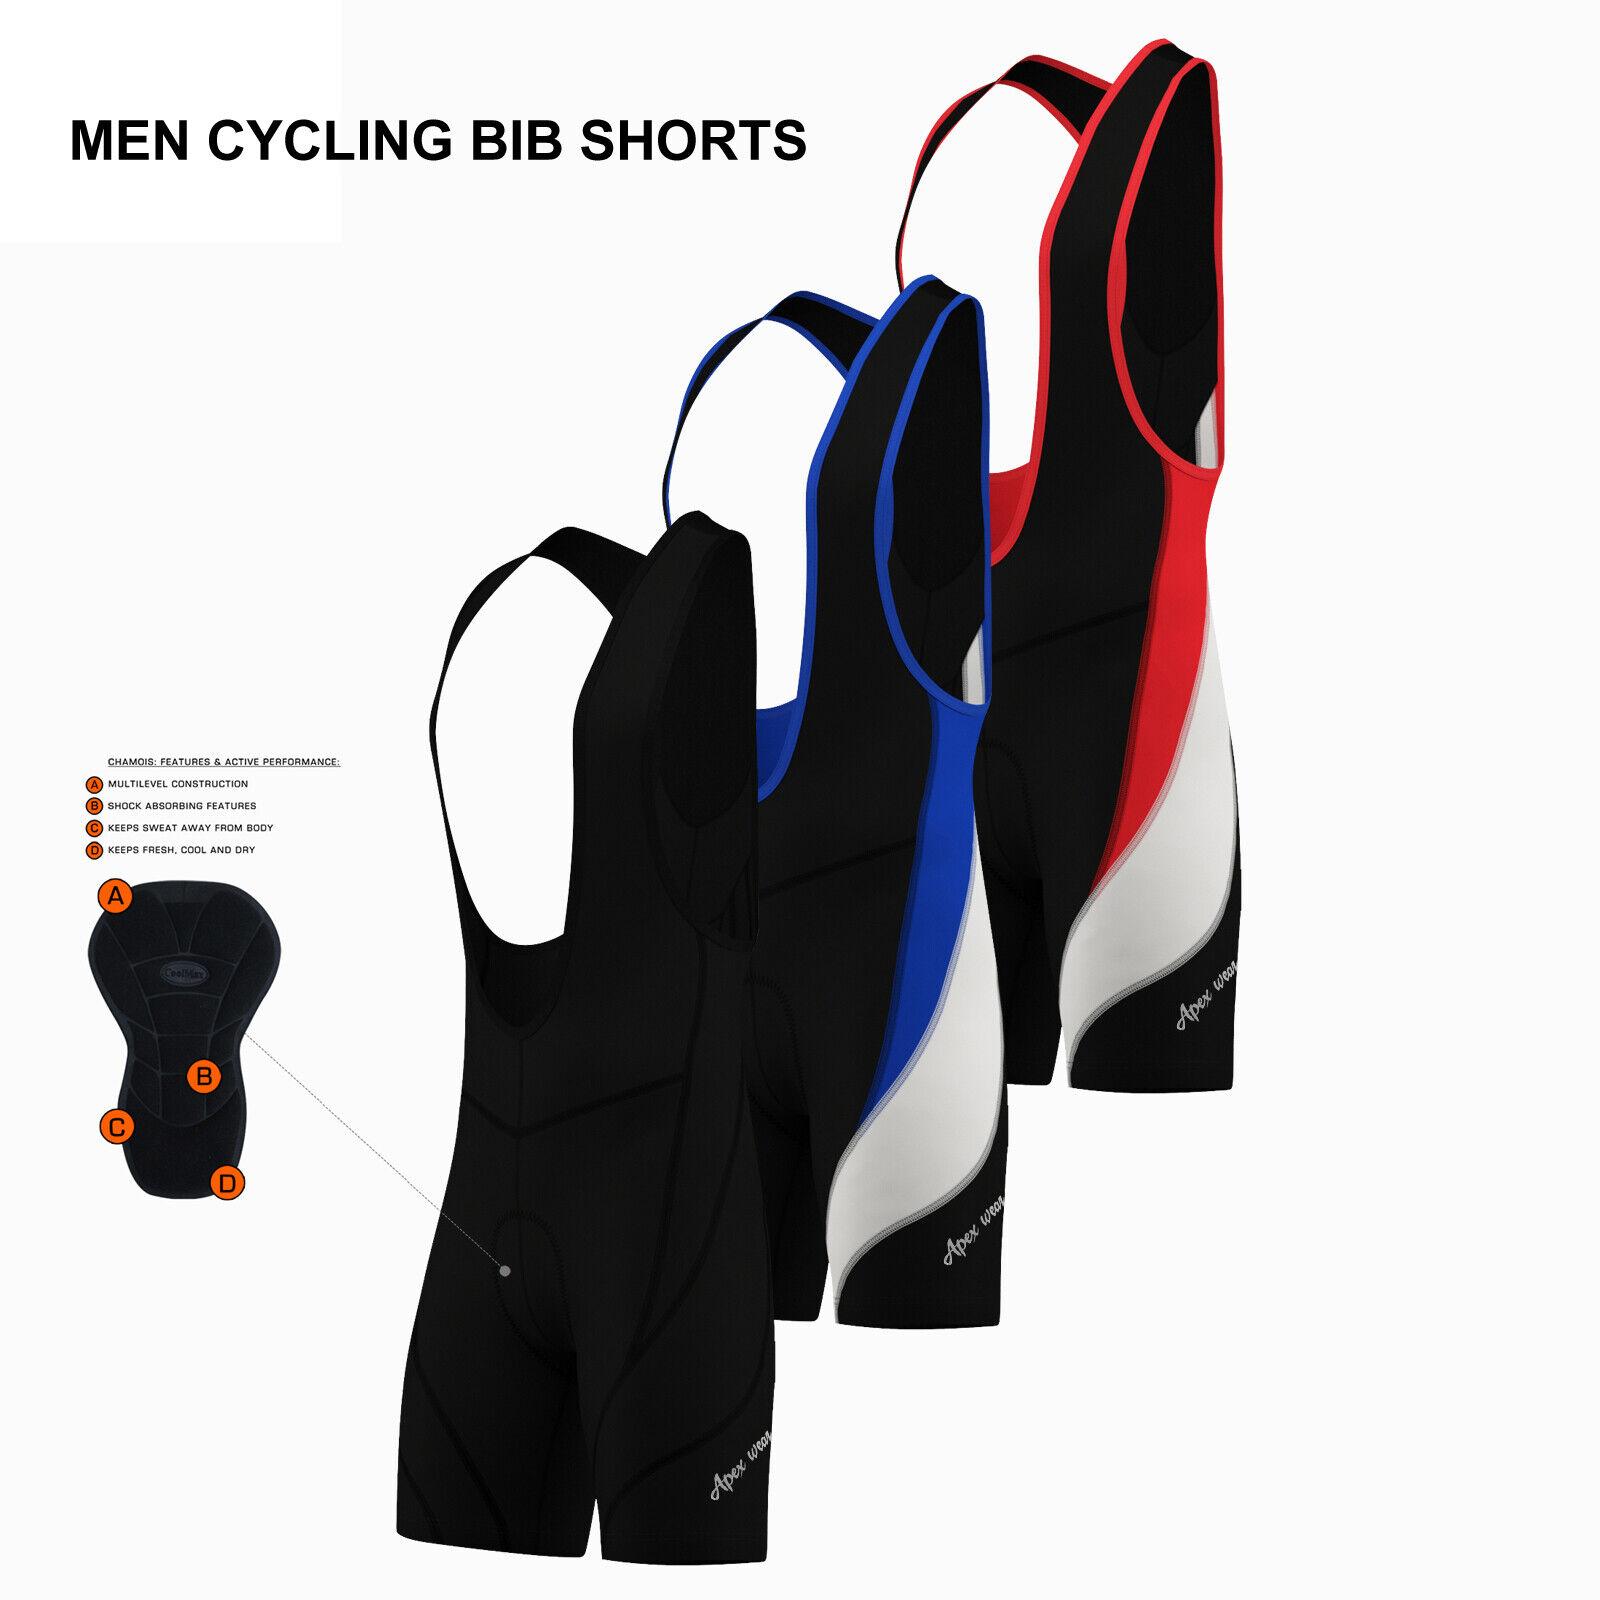 Mens Performance Cycling Bib Shorts Coolmax? Padded Cycle Pants Shorts